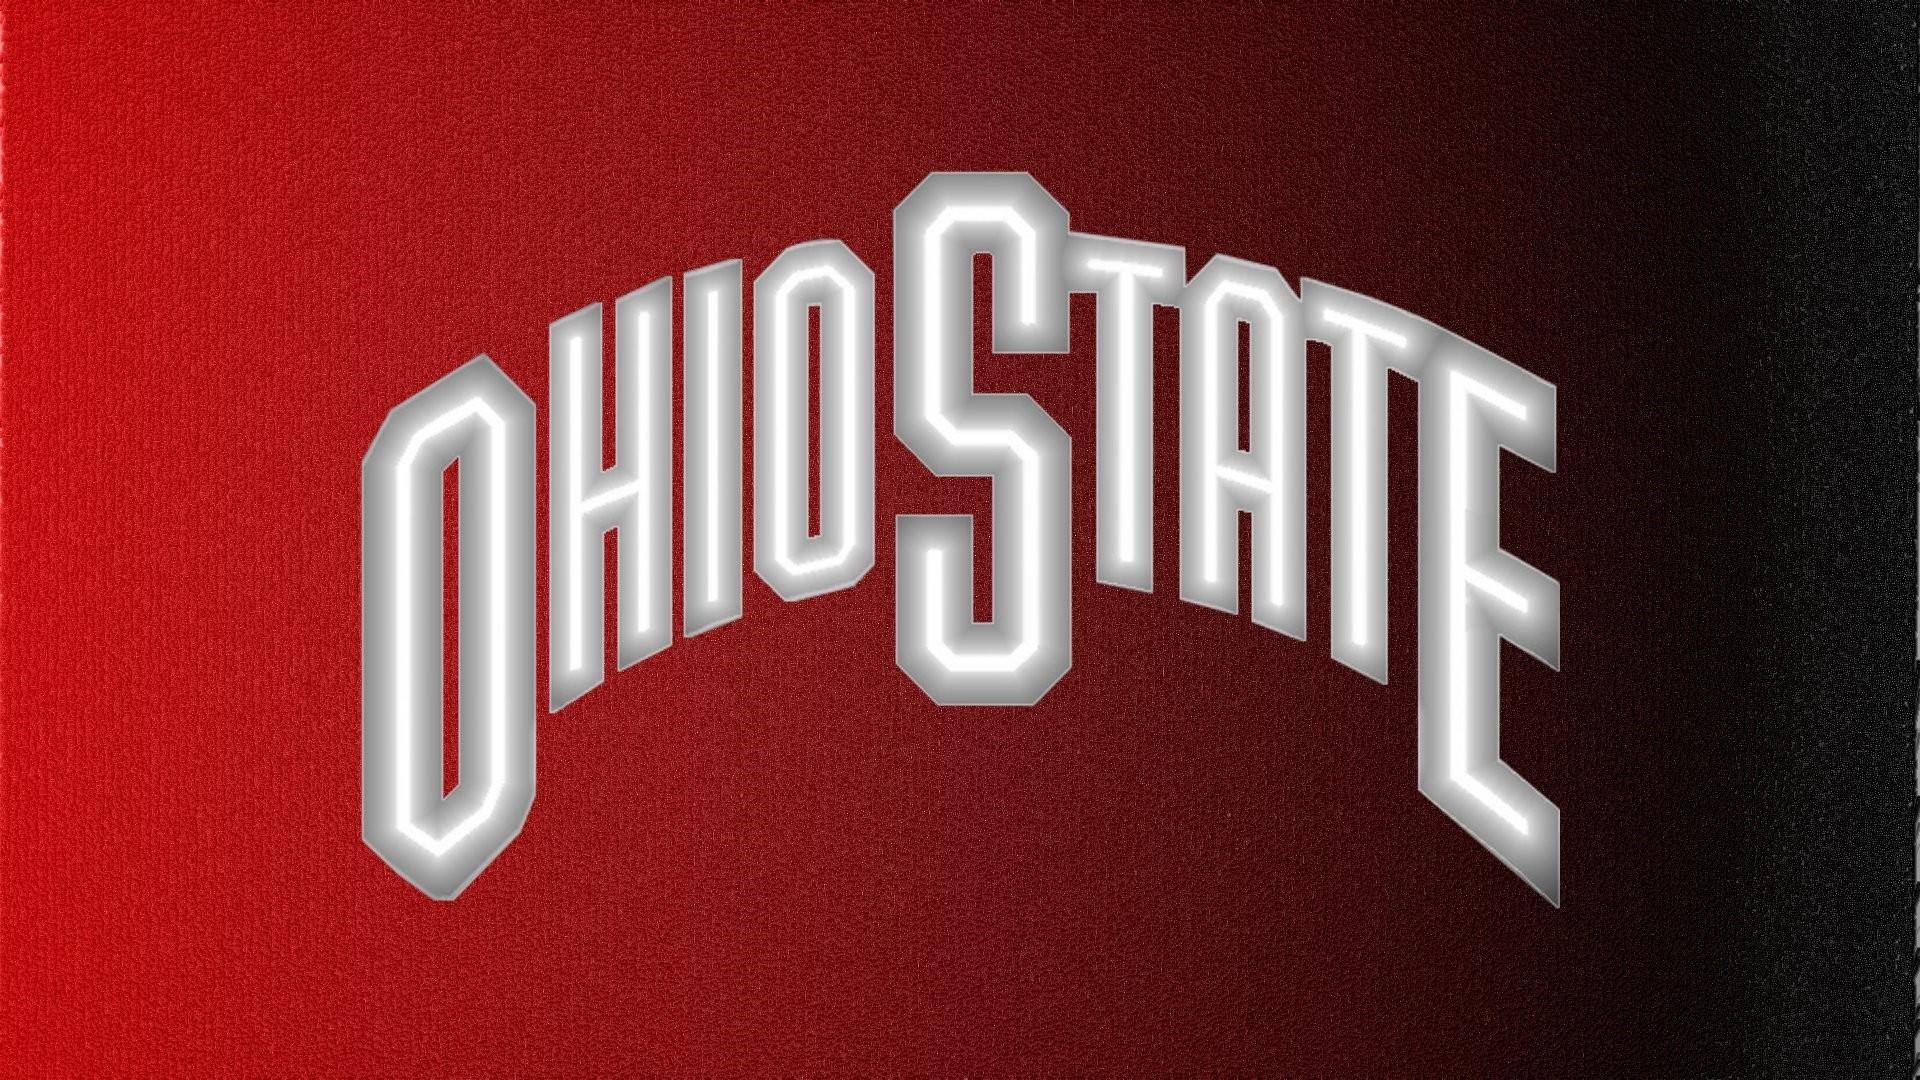 Ohio State Wallpaper theme